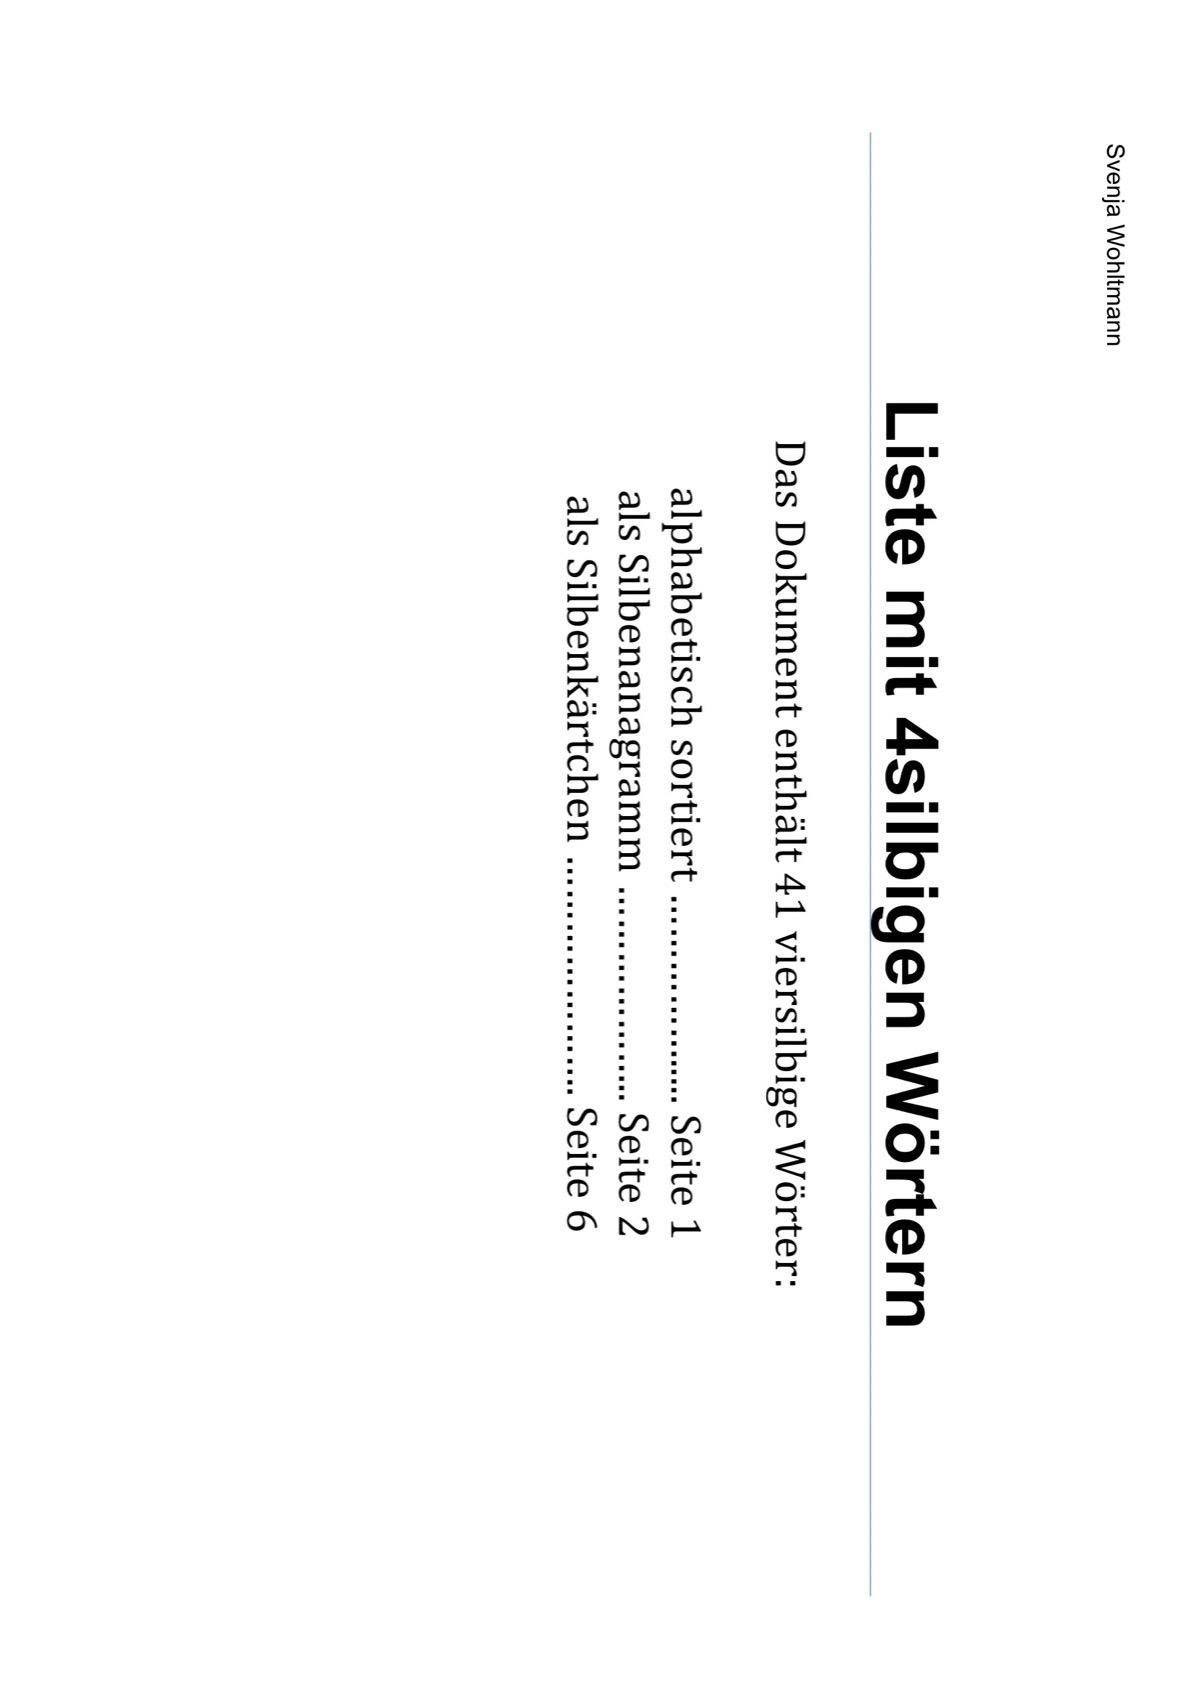 Sammlungen mit Artikulation: schwierige Wörter - Dysarthrophonie ...